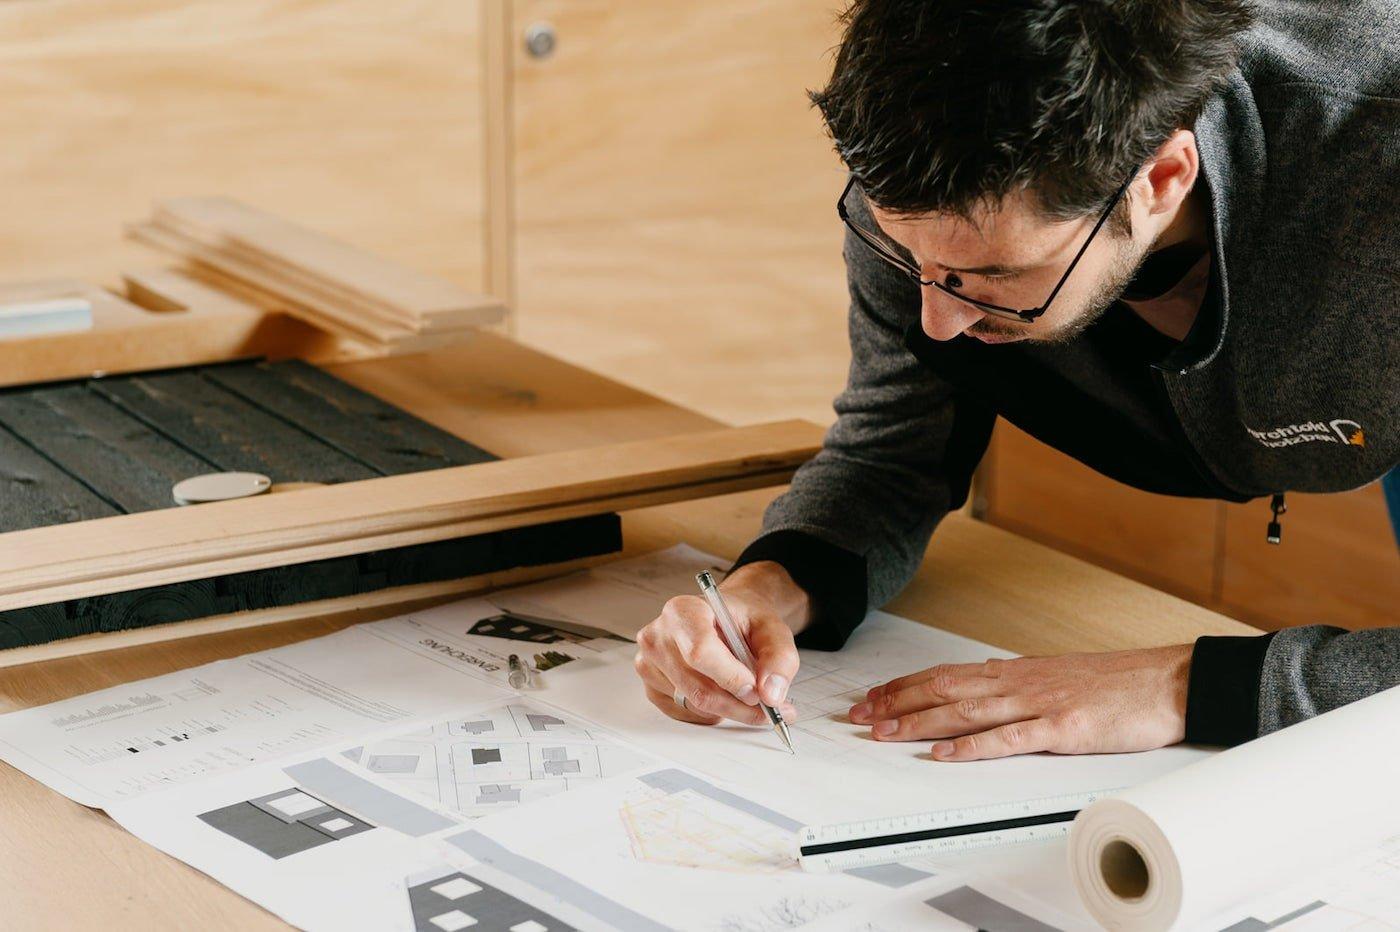 Man sitting at desk sketching